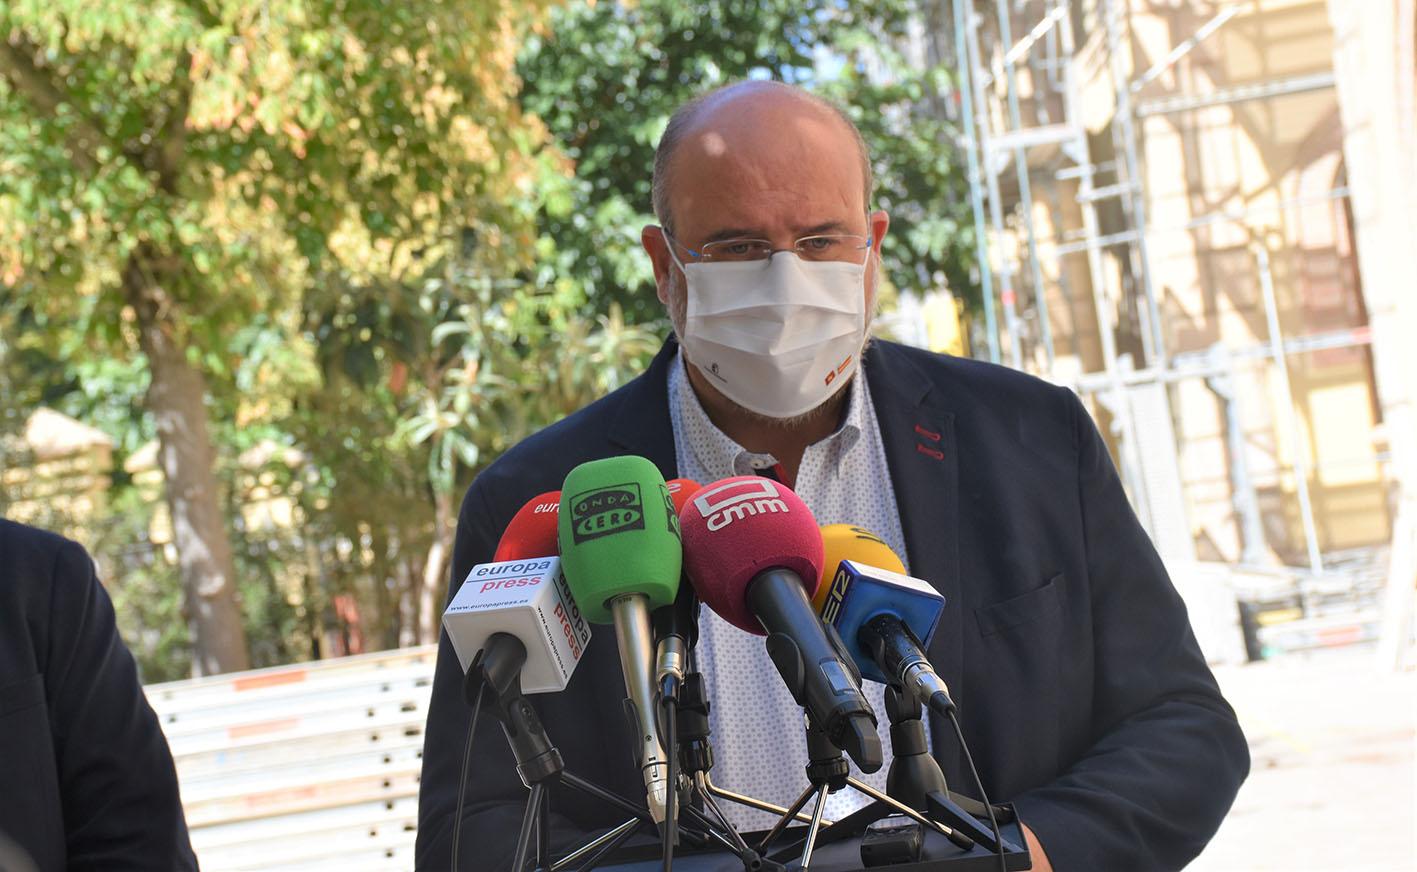 José Luis Martínez Guijarro, vicepresidente del Gobierno de Castilla-La Mancha, ha anunciado que las visitas a las residencias de mayores se limitarán a dos días por semana.